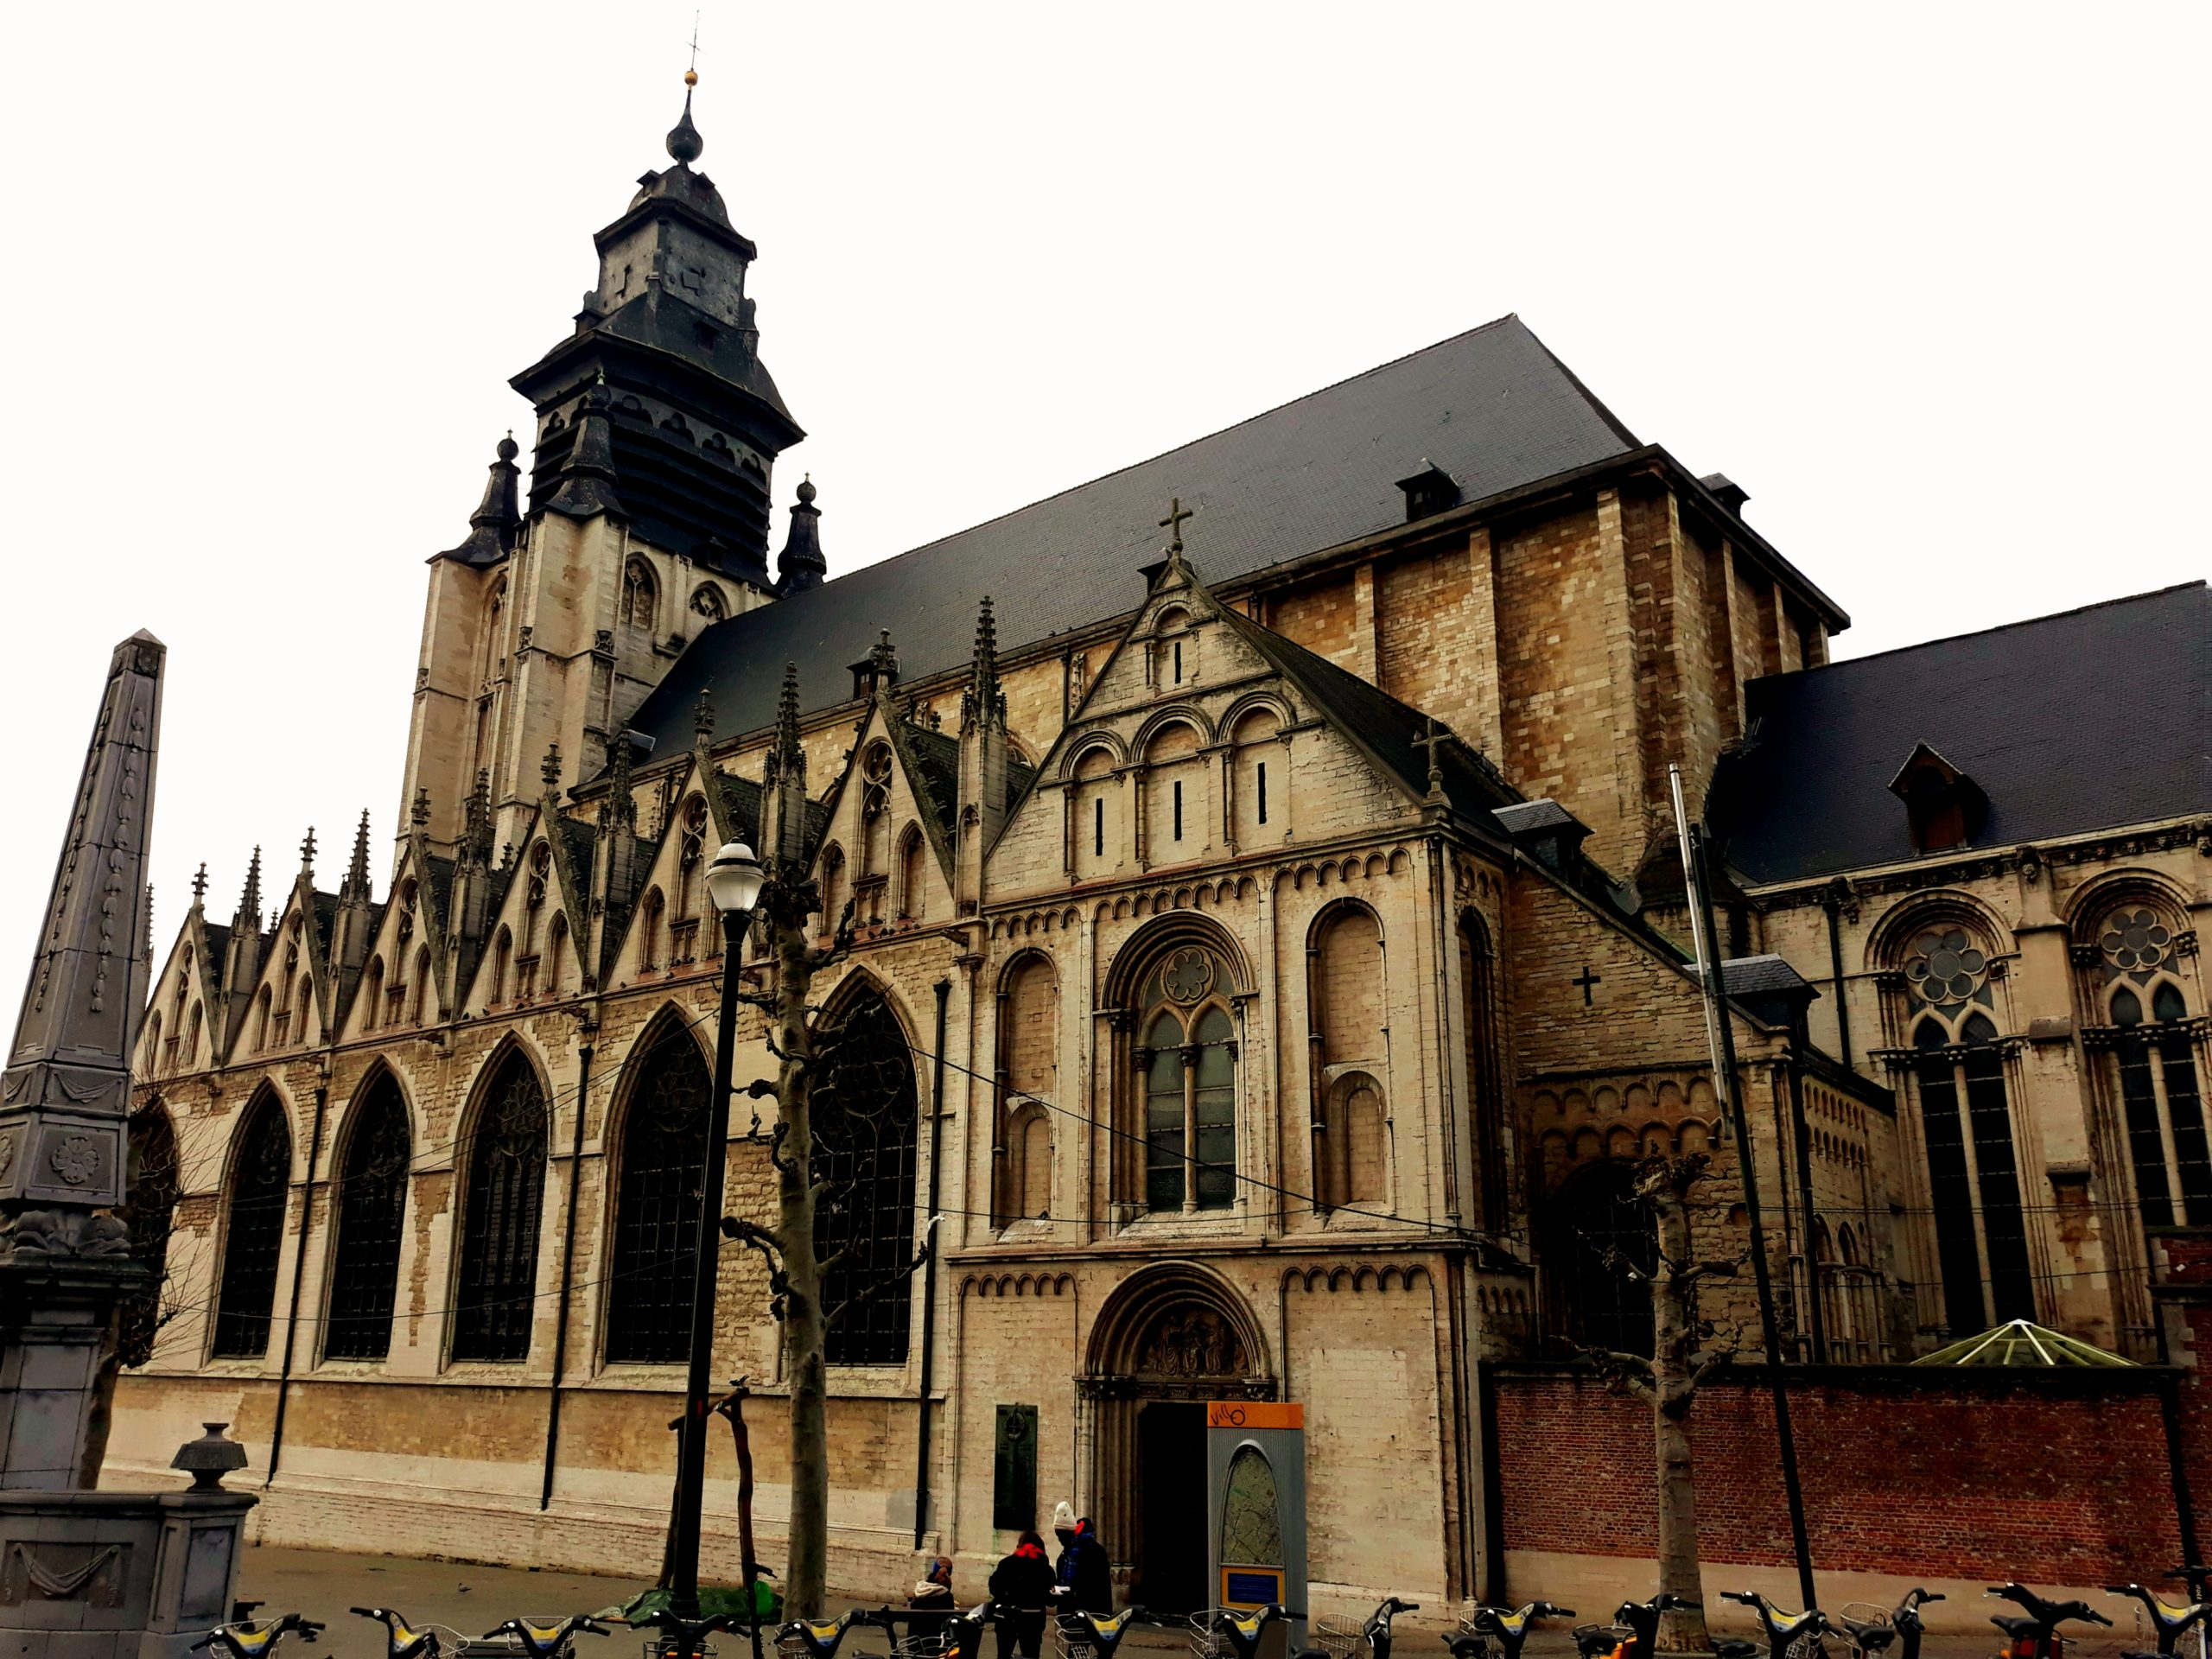 Iglesia de la Chapelle, punto de encuentro de la visita Bruselas 1000 años de luchas de BRUSSELS BY FOOT